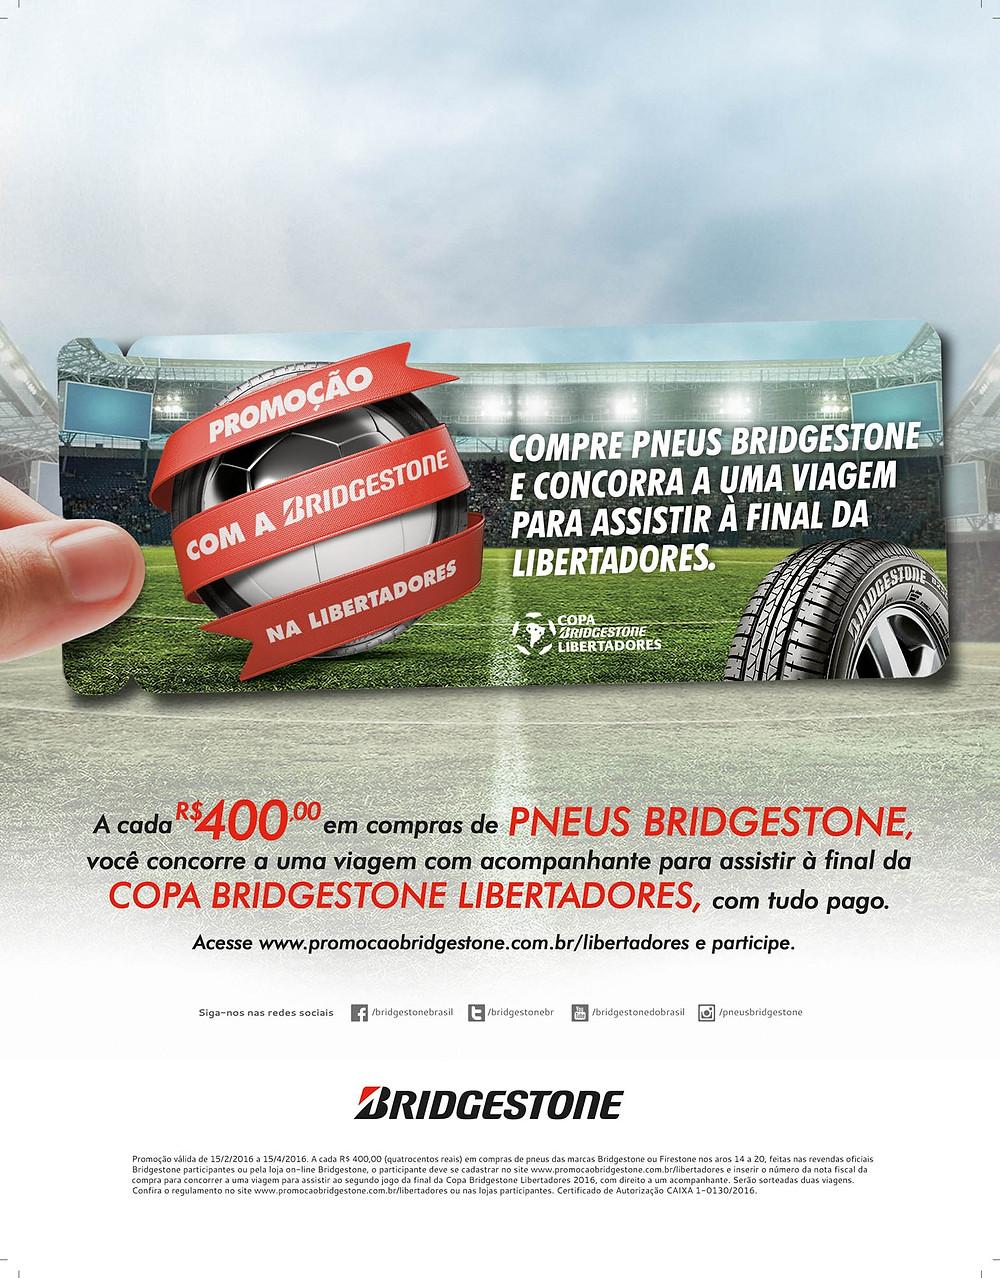 Bridgestone lança promoção que leva torcedor para final da Libertadores